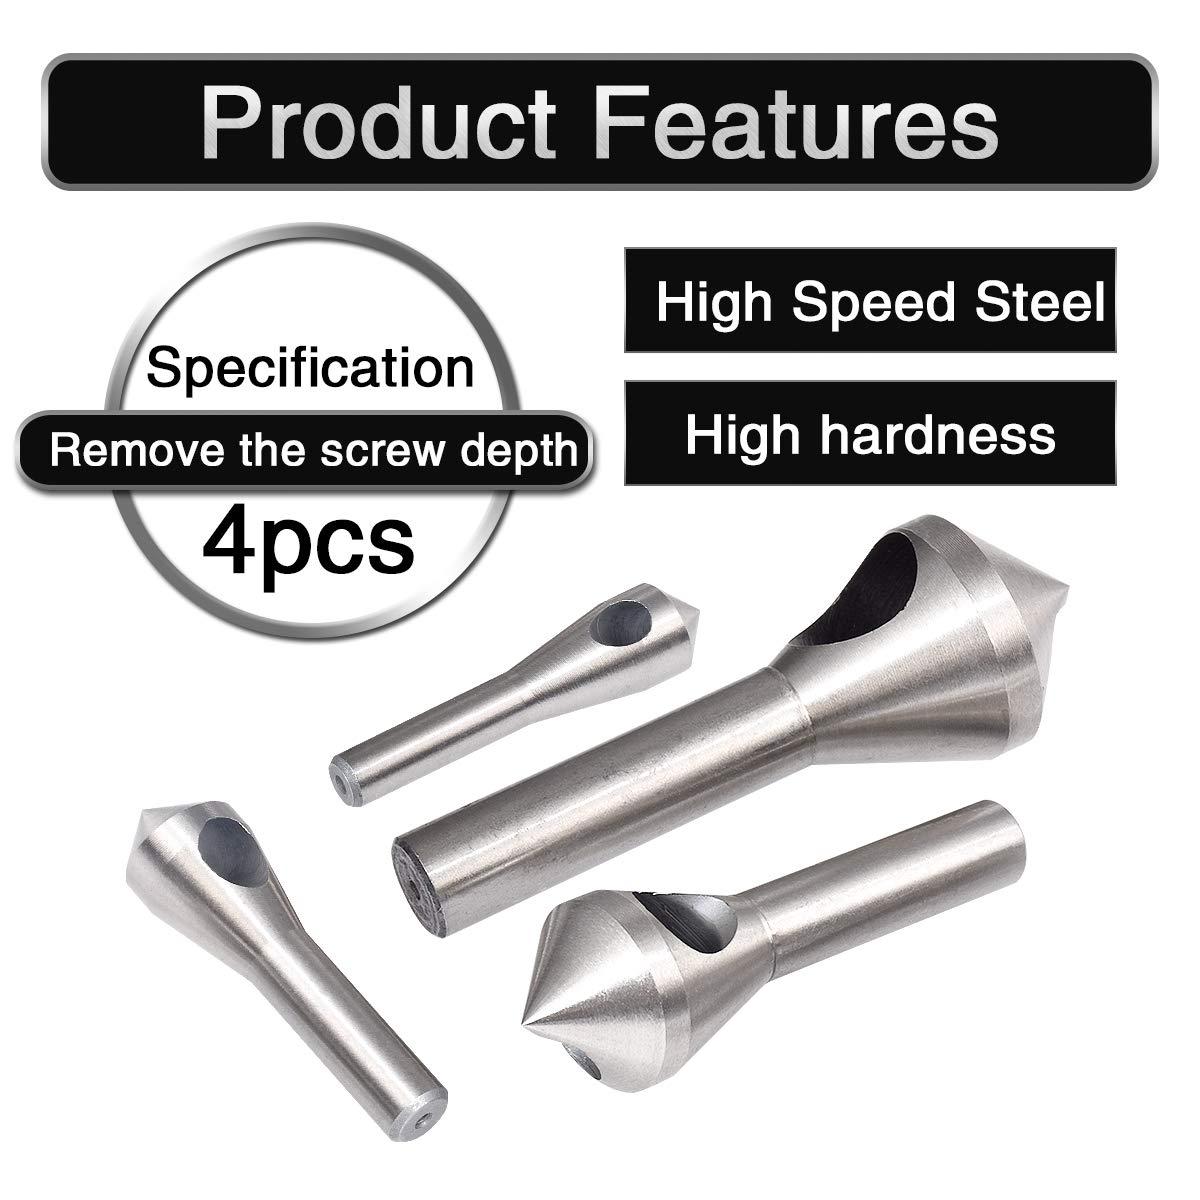 12/mm Bois HSS Fraise conique et outil d/ébavurage de trou Fraise conique d/ébavurage Ensemble de forets Outil /à Main Pour une coupe en m/étal /à travers Bois 8/mm 10/mm HOHXEN 6/mm